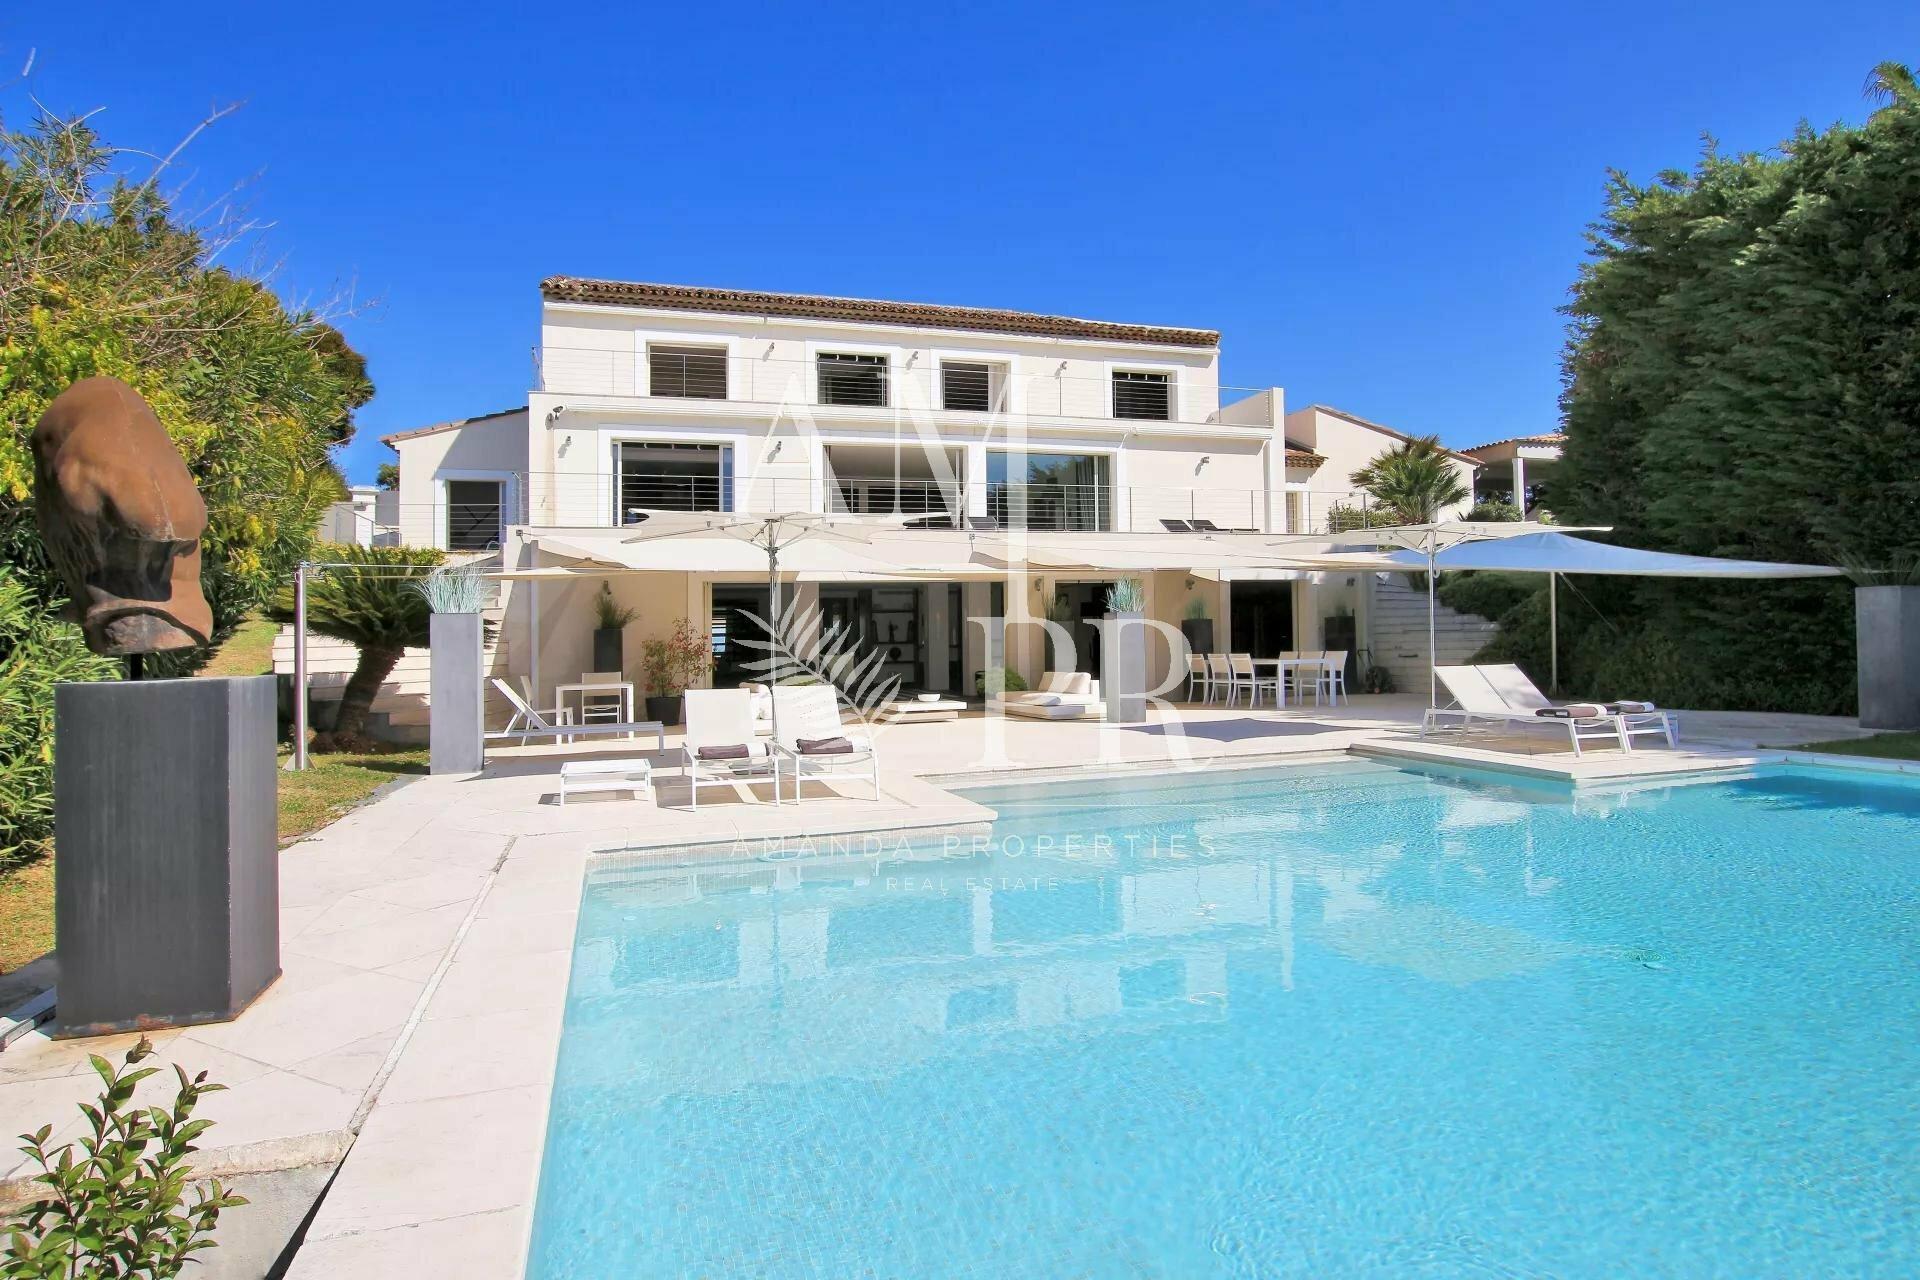 Villa in Cannes, Provence-Alpes-Côte d'Azur, France 1 - 10877593